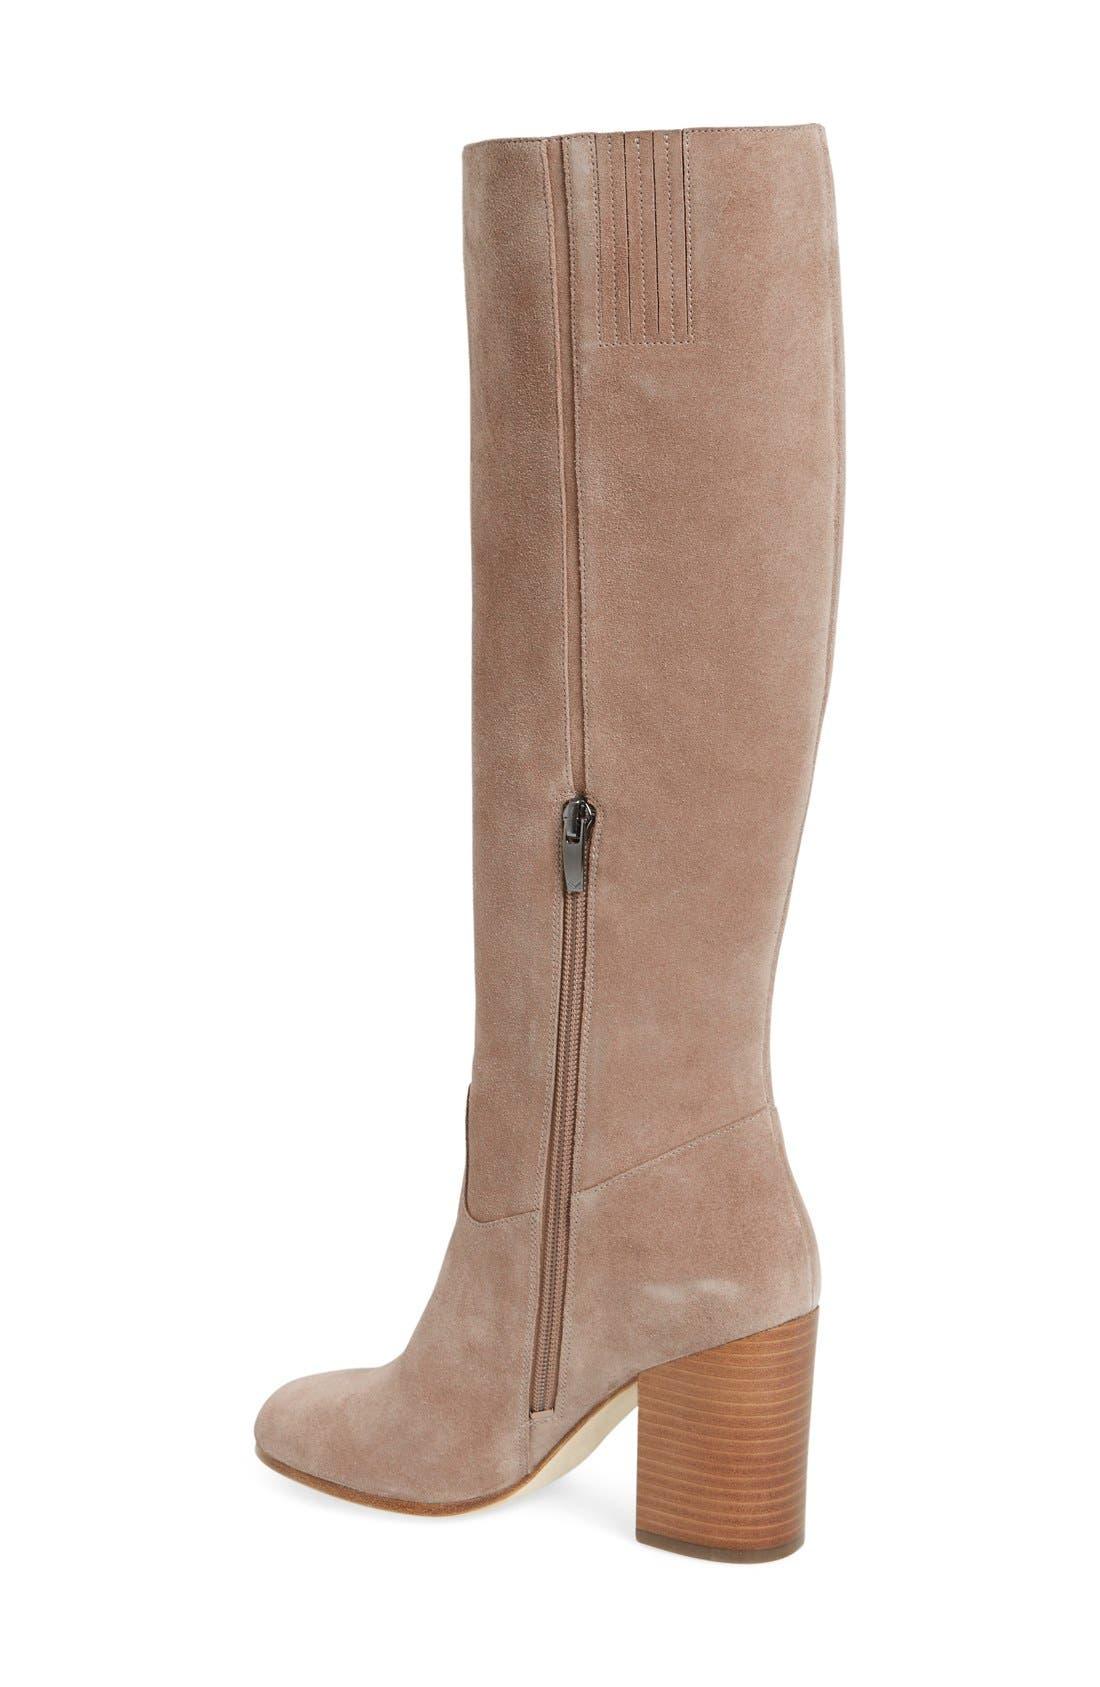 Alternate Image 2  - Via Spiga 'Beckett' Tall Boot (Women)